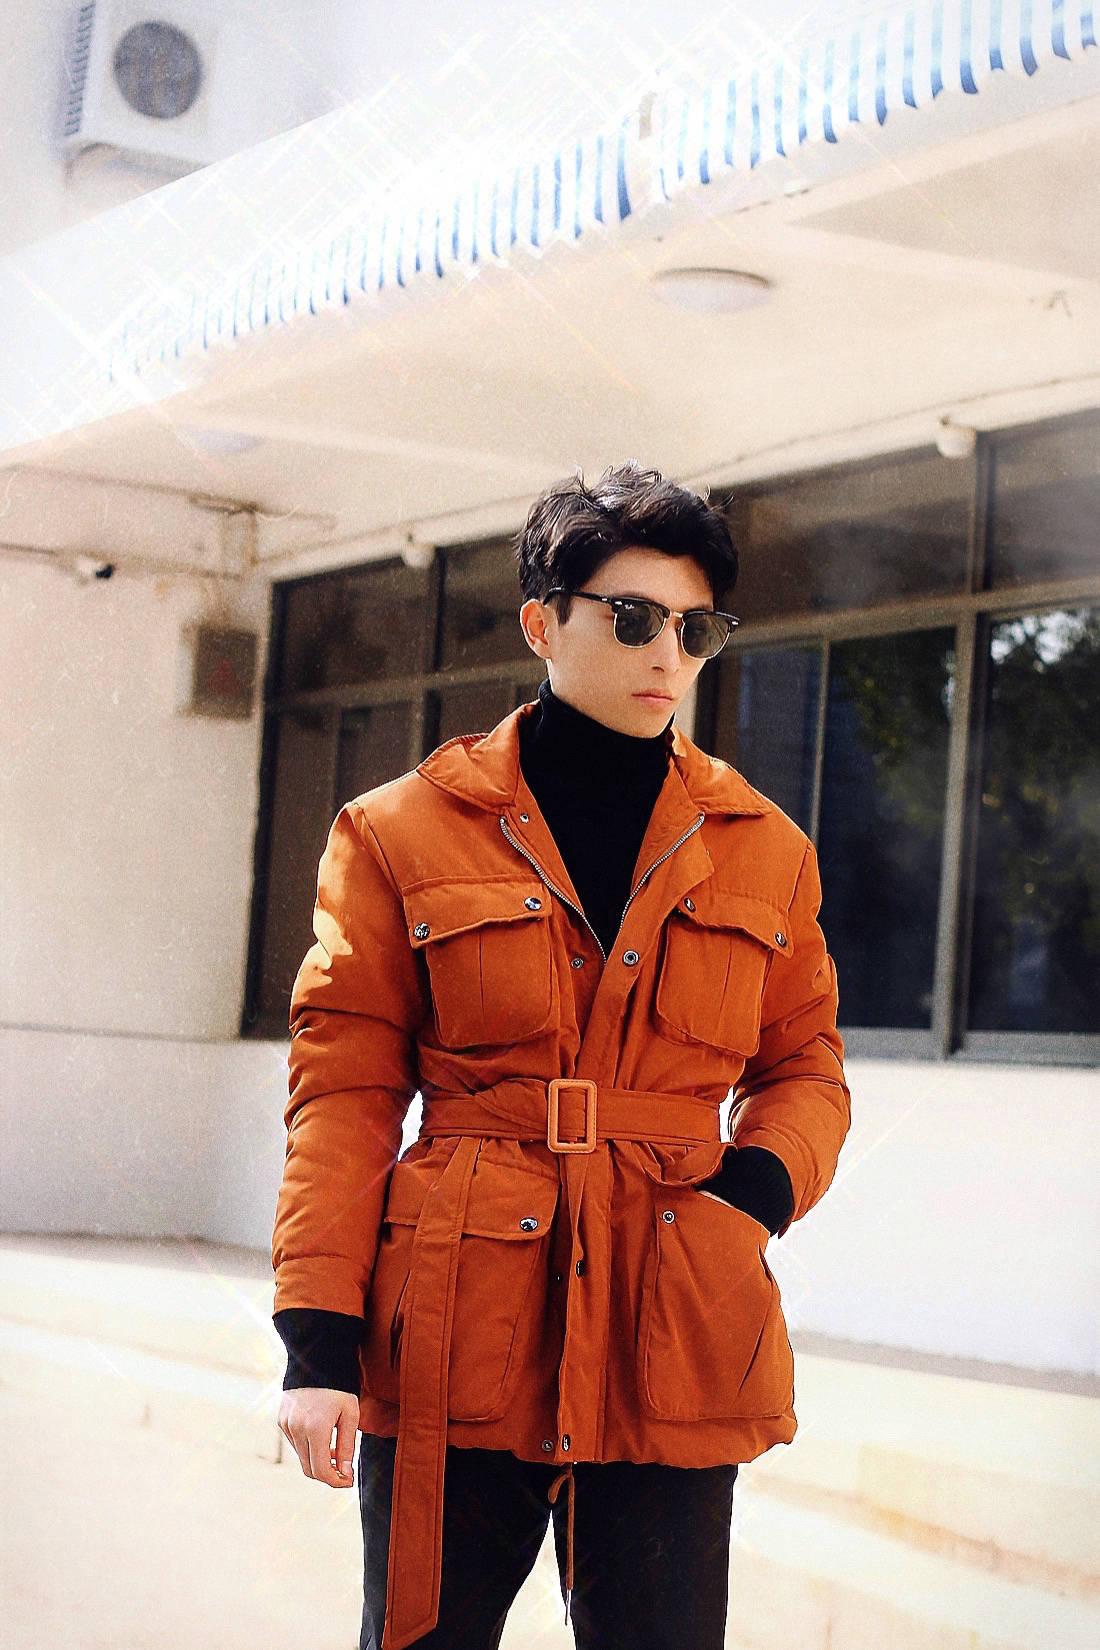 【男士时尚】丨橘色夹克混搭,生活随拍记录...                                   图3